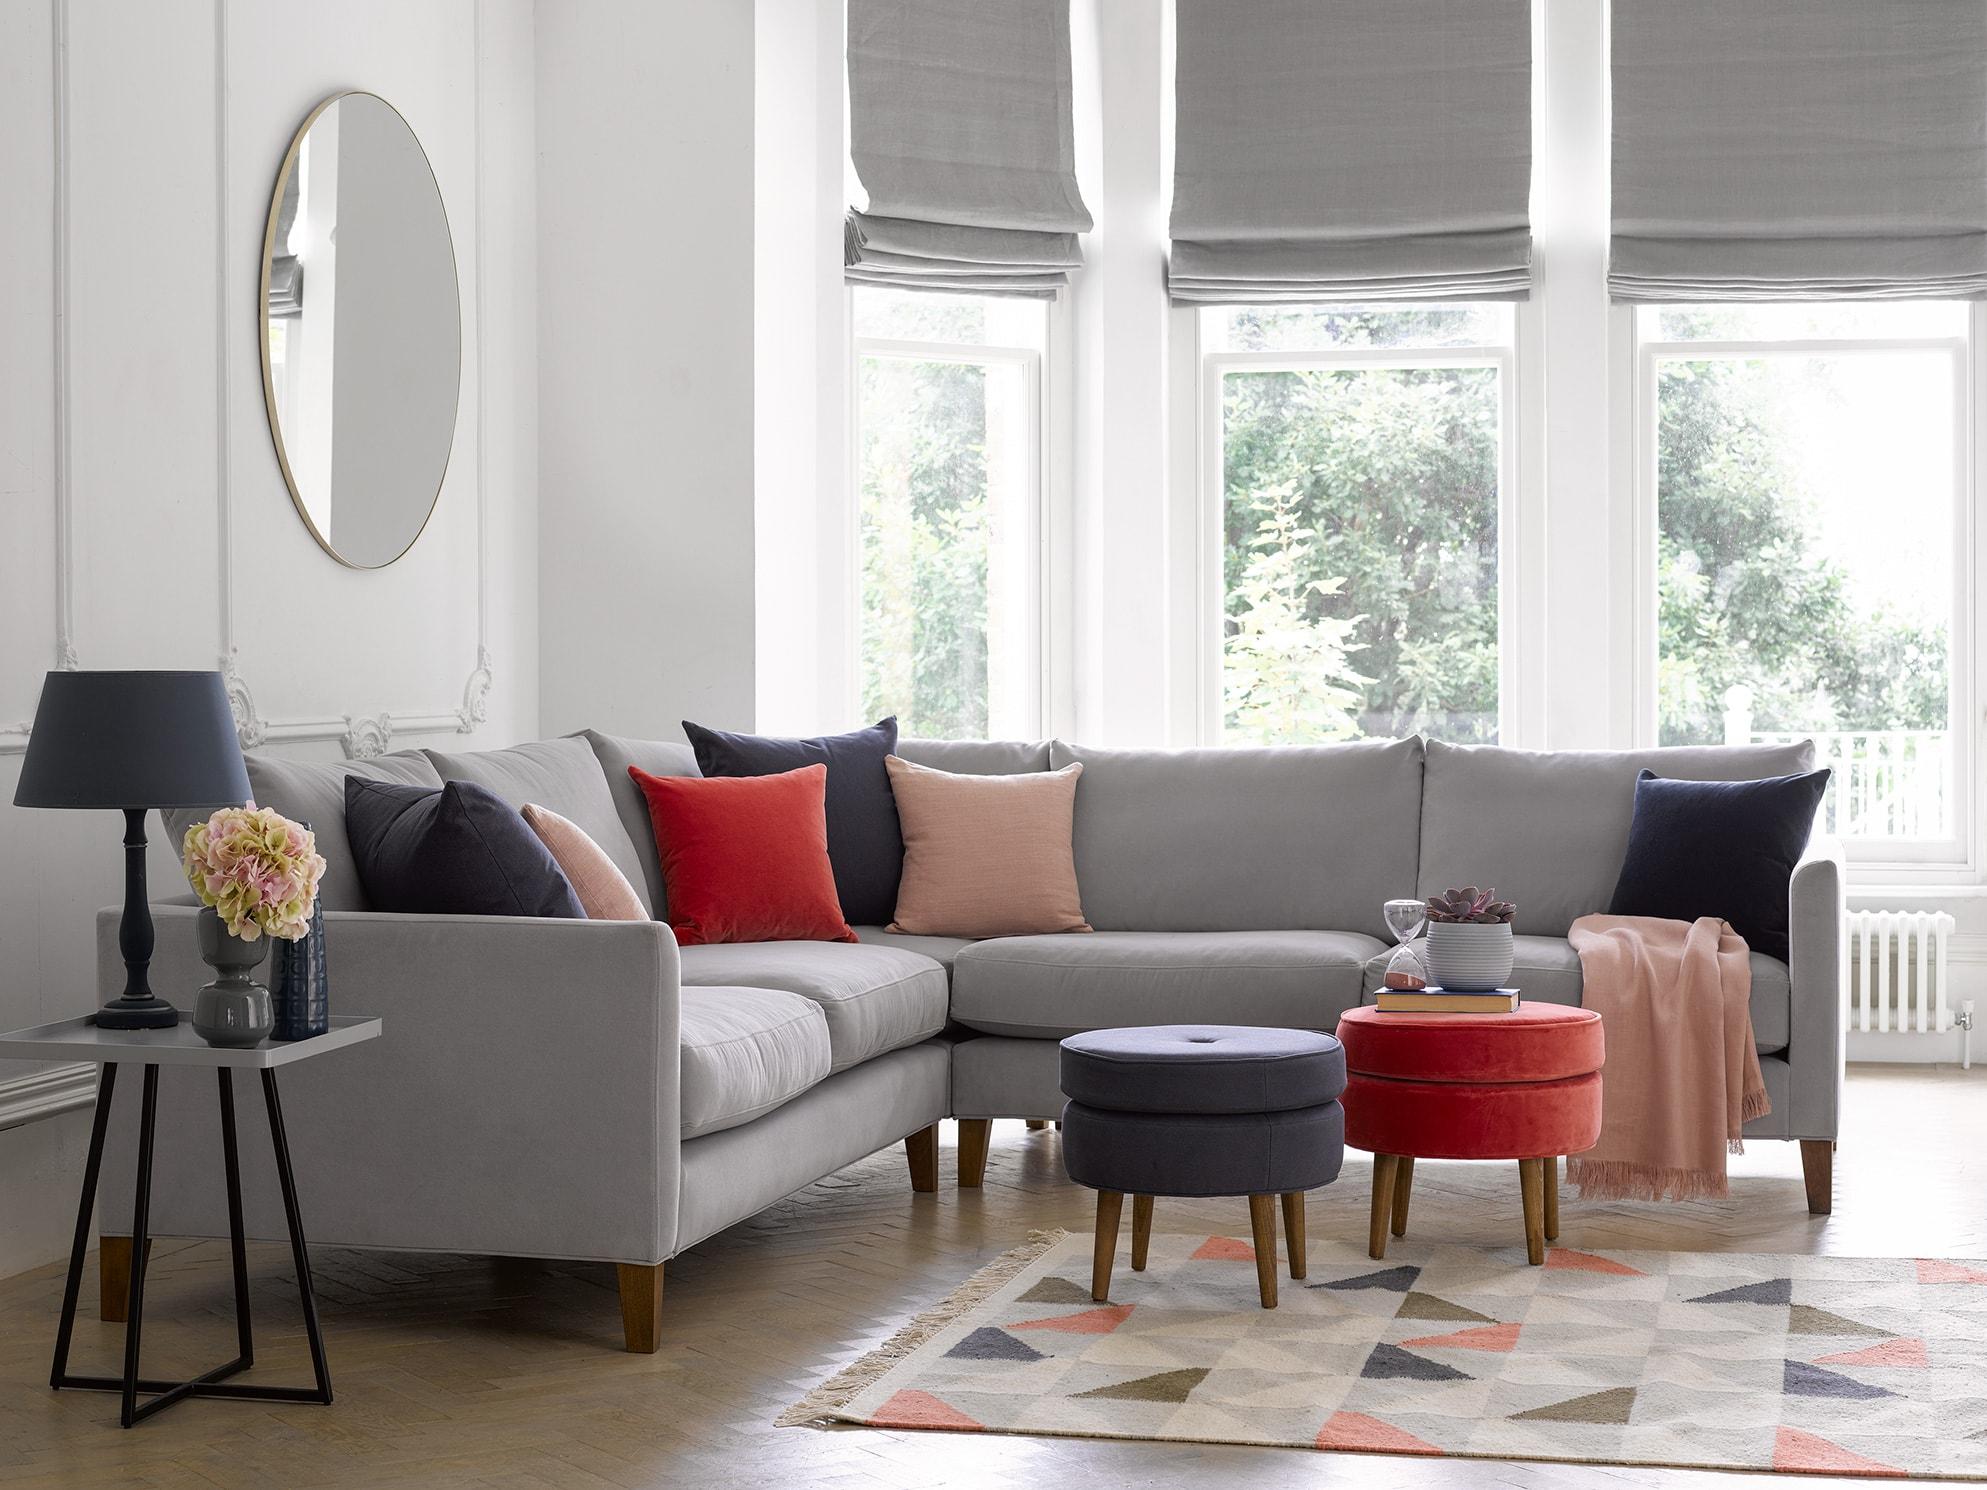 как поставить угловой диван в комнате